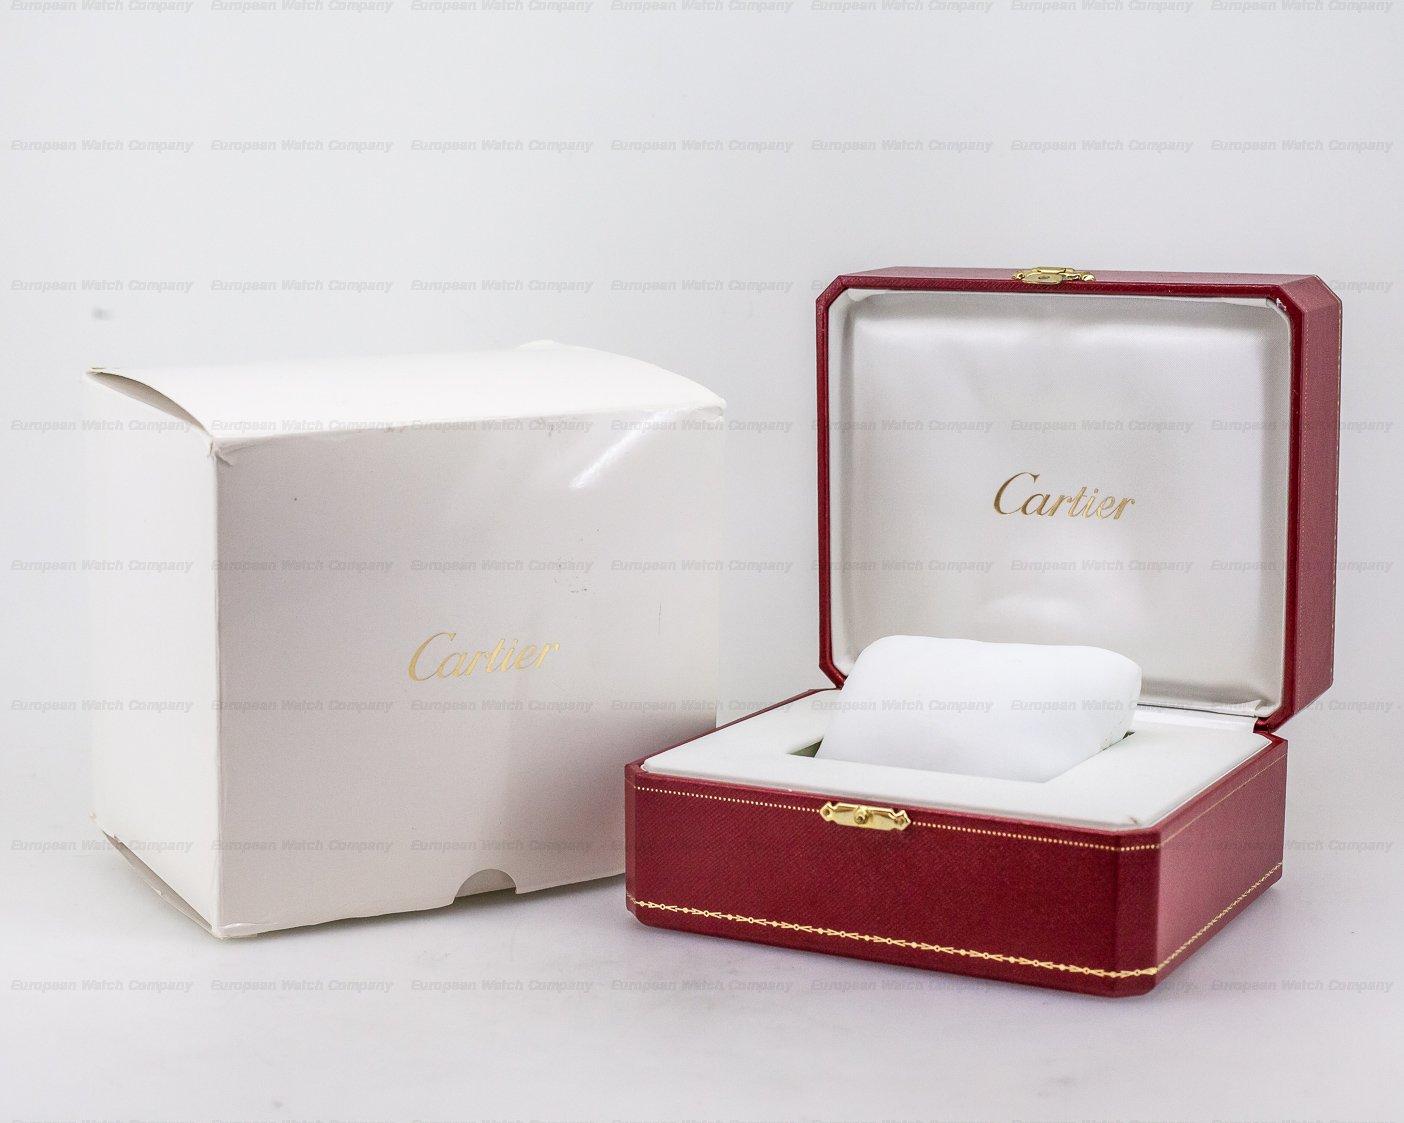 Cartier W6920010 Ballon Bleu Chronograph Rose Gold